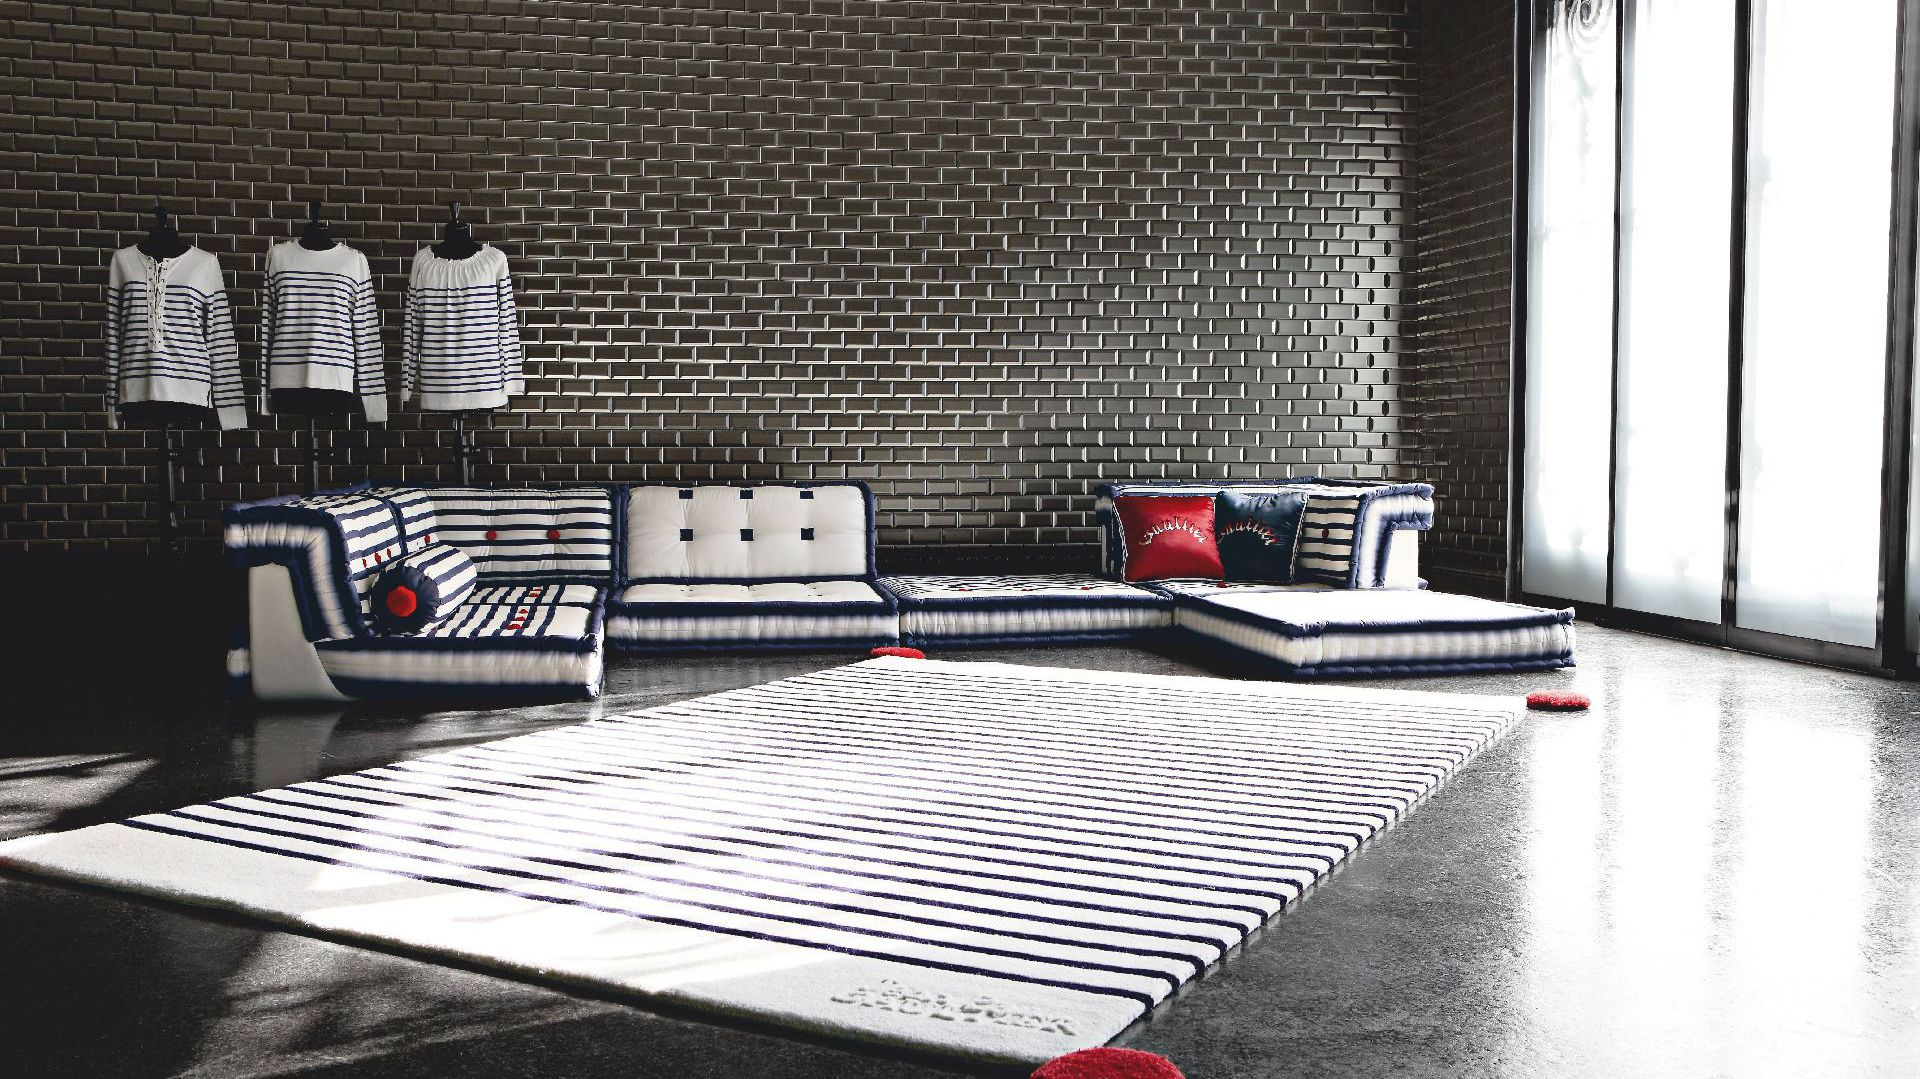 Modułowa sofa Mah Jong Matelot to kwintesencja stylu francuskiego projektanta. Uroku dodaje jej wykonane ręcznie obicie w zadziornej, rockowej stylistyce. Świetnie prezentuje się z dywanem w marynarskie paski. Fot. Roche Bobois.